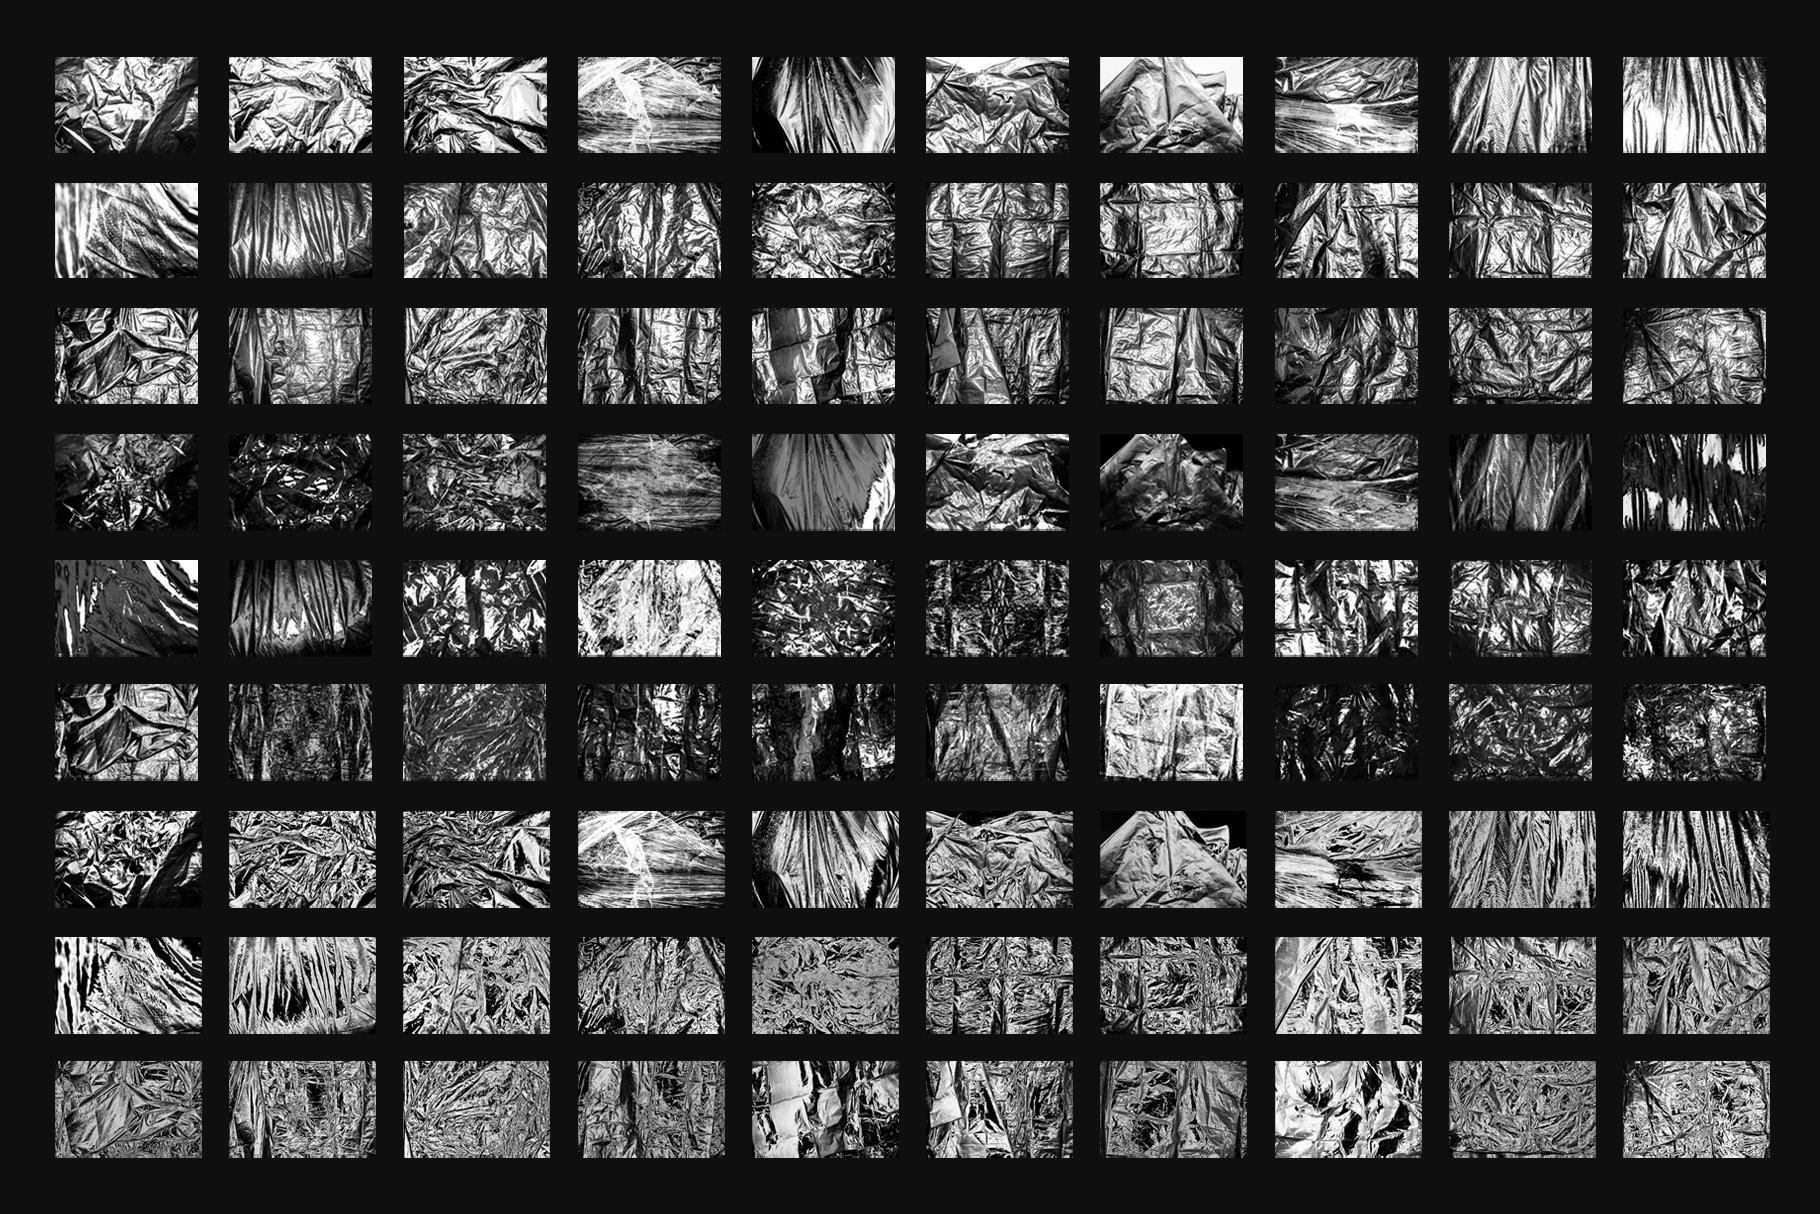 [单独购买] 120款潮流高清折痕褶皱塑料袋纹理海报设计背景图片素材 Visualfear – Plastic Wrap Textures插图3